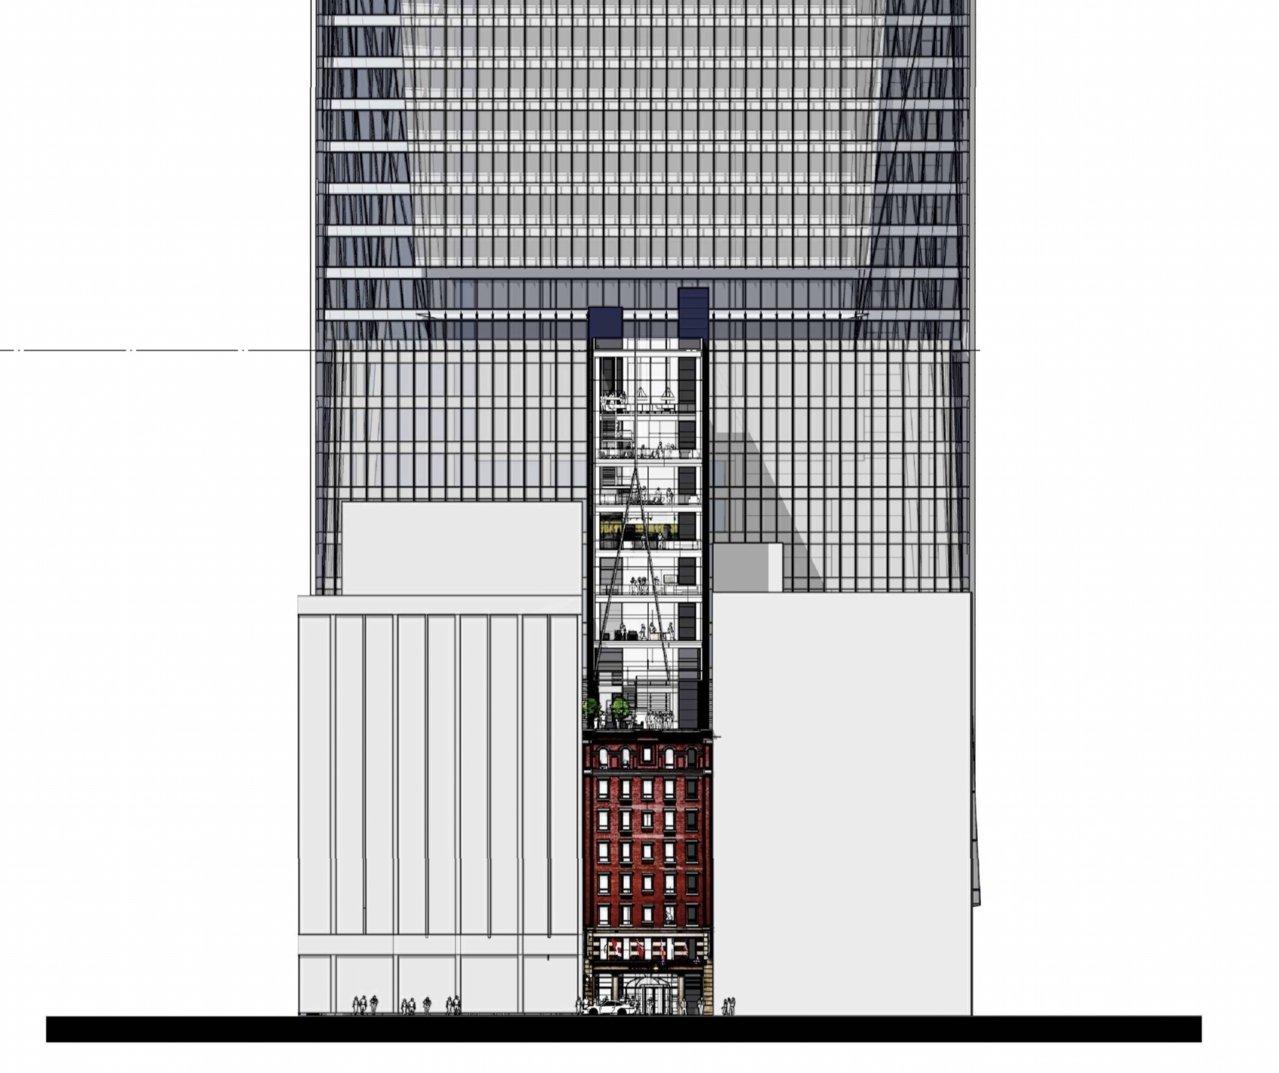 F1BC91EA-464C-4644-AC1B-B56BC30BE815.jpeg